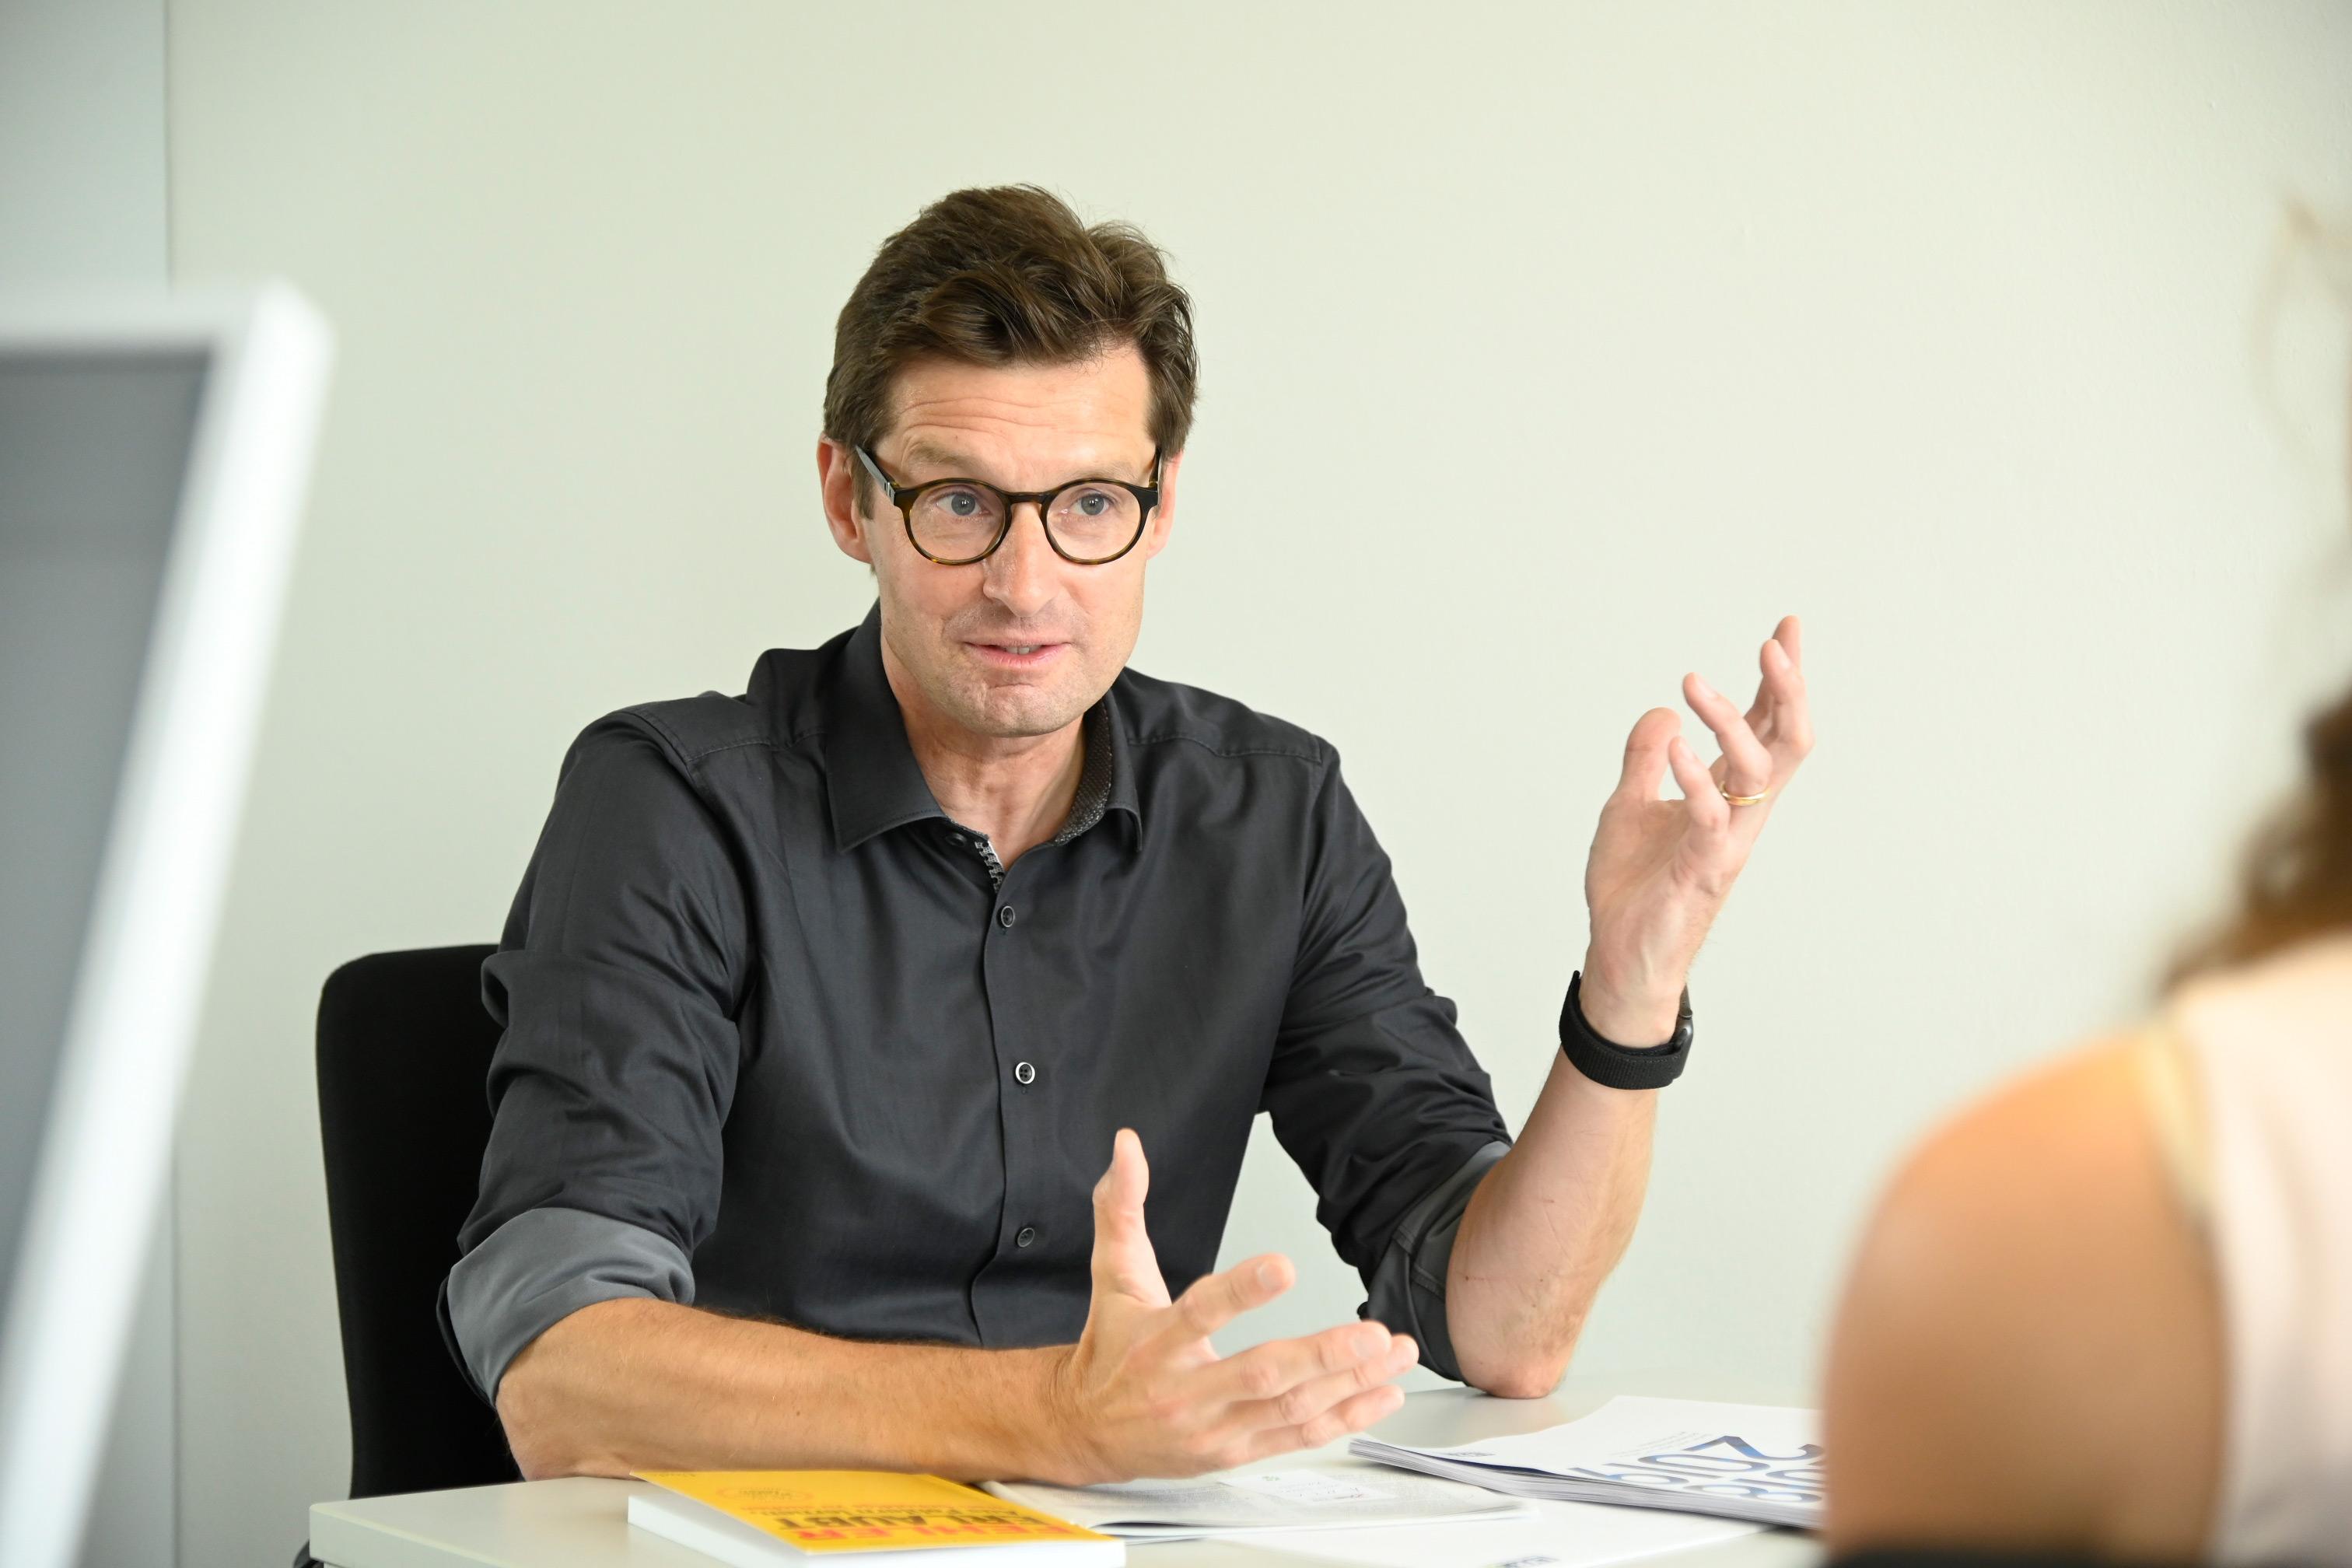 Christoph Beyer im Gespräch. Foto: Paul Esser